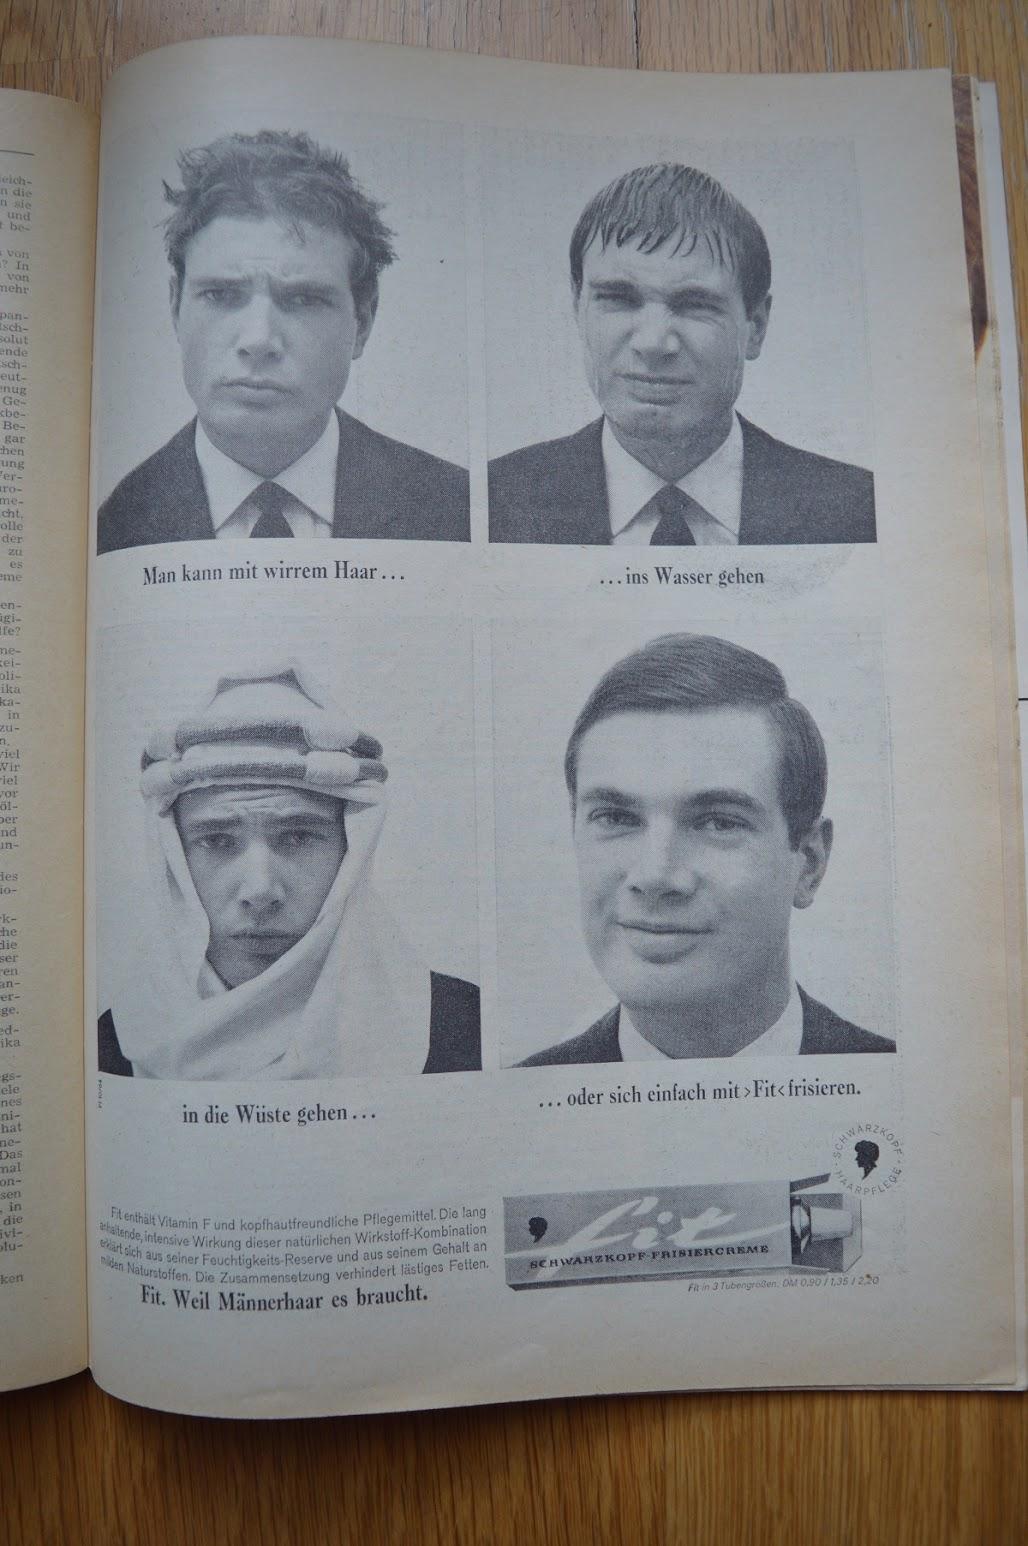 DER SPIEGEL, 29. April 1964 - Werbung für Frisiercreme